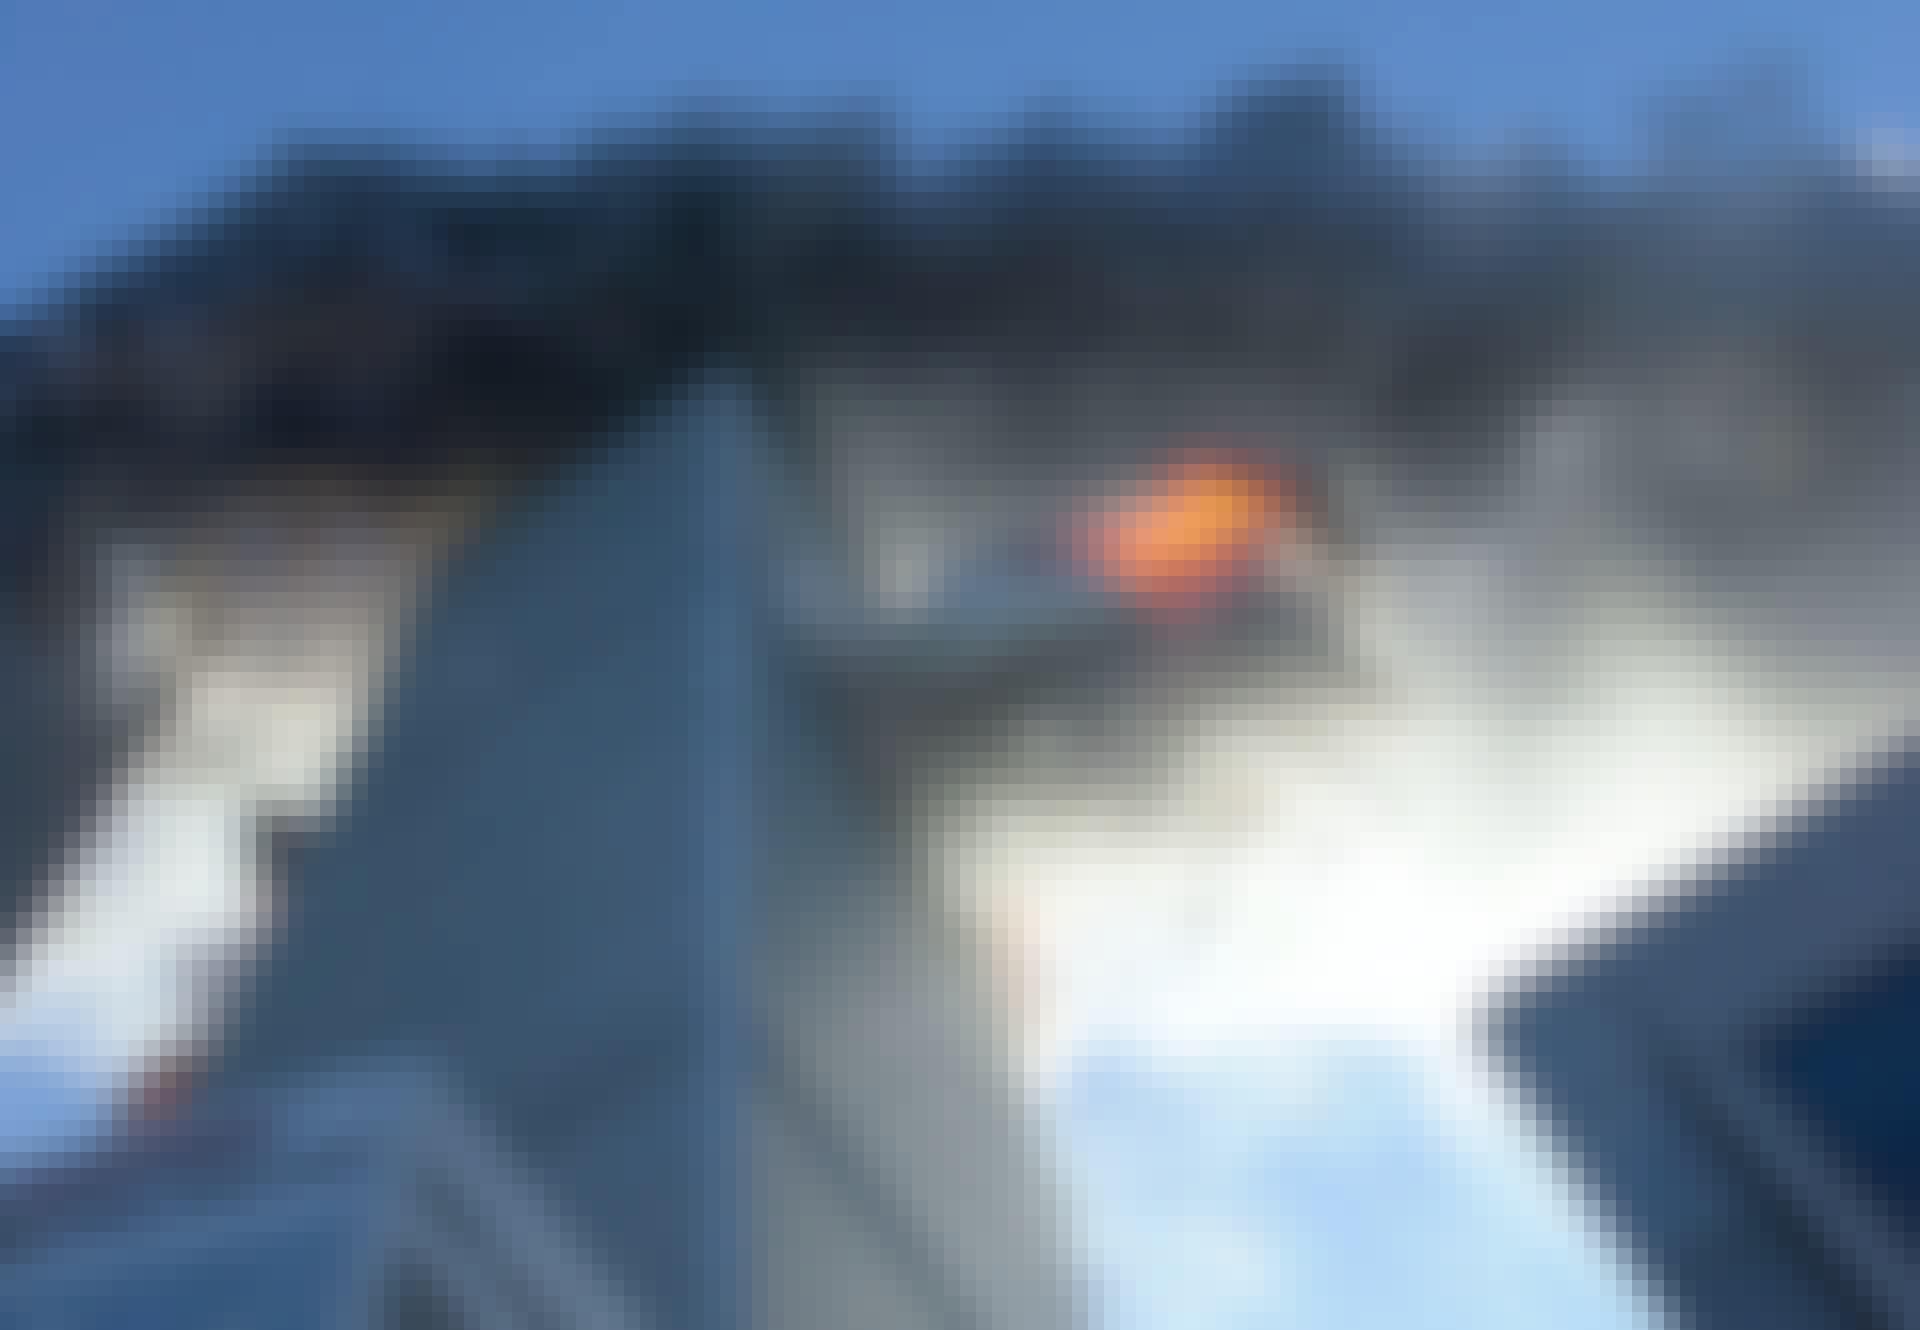 Zuidelijke toren wordt geraakt